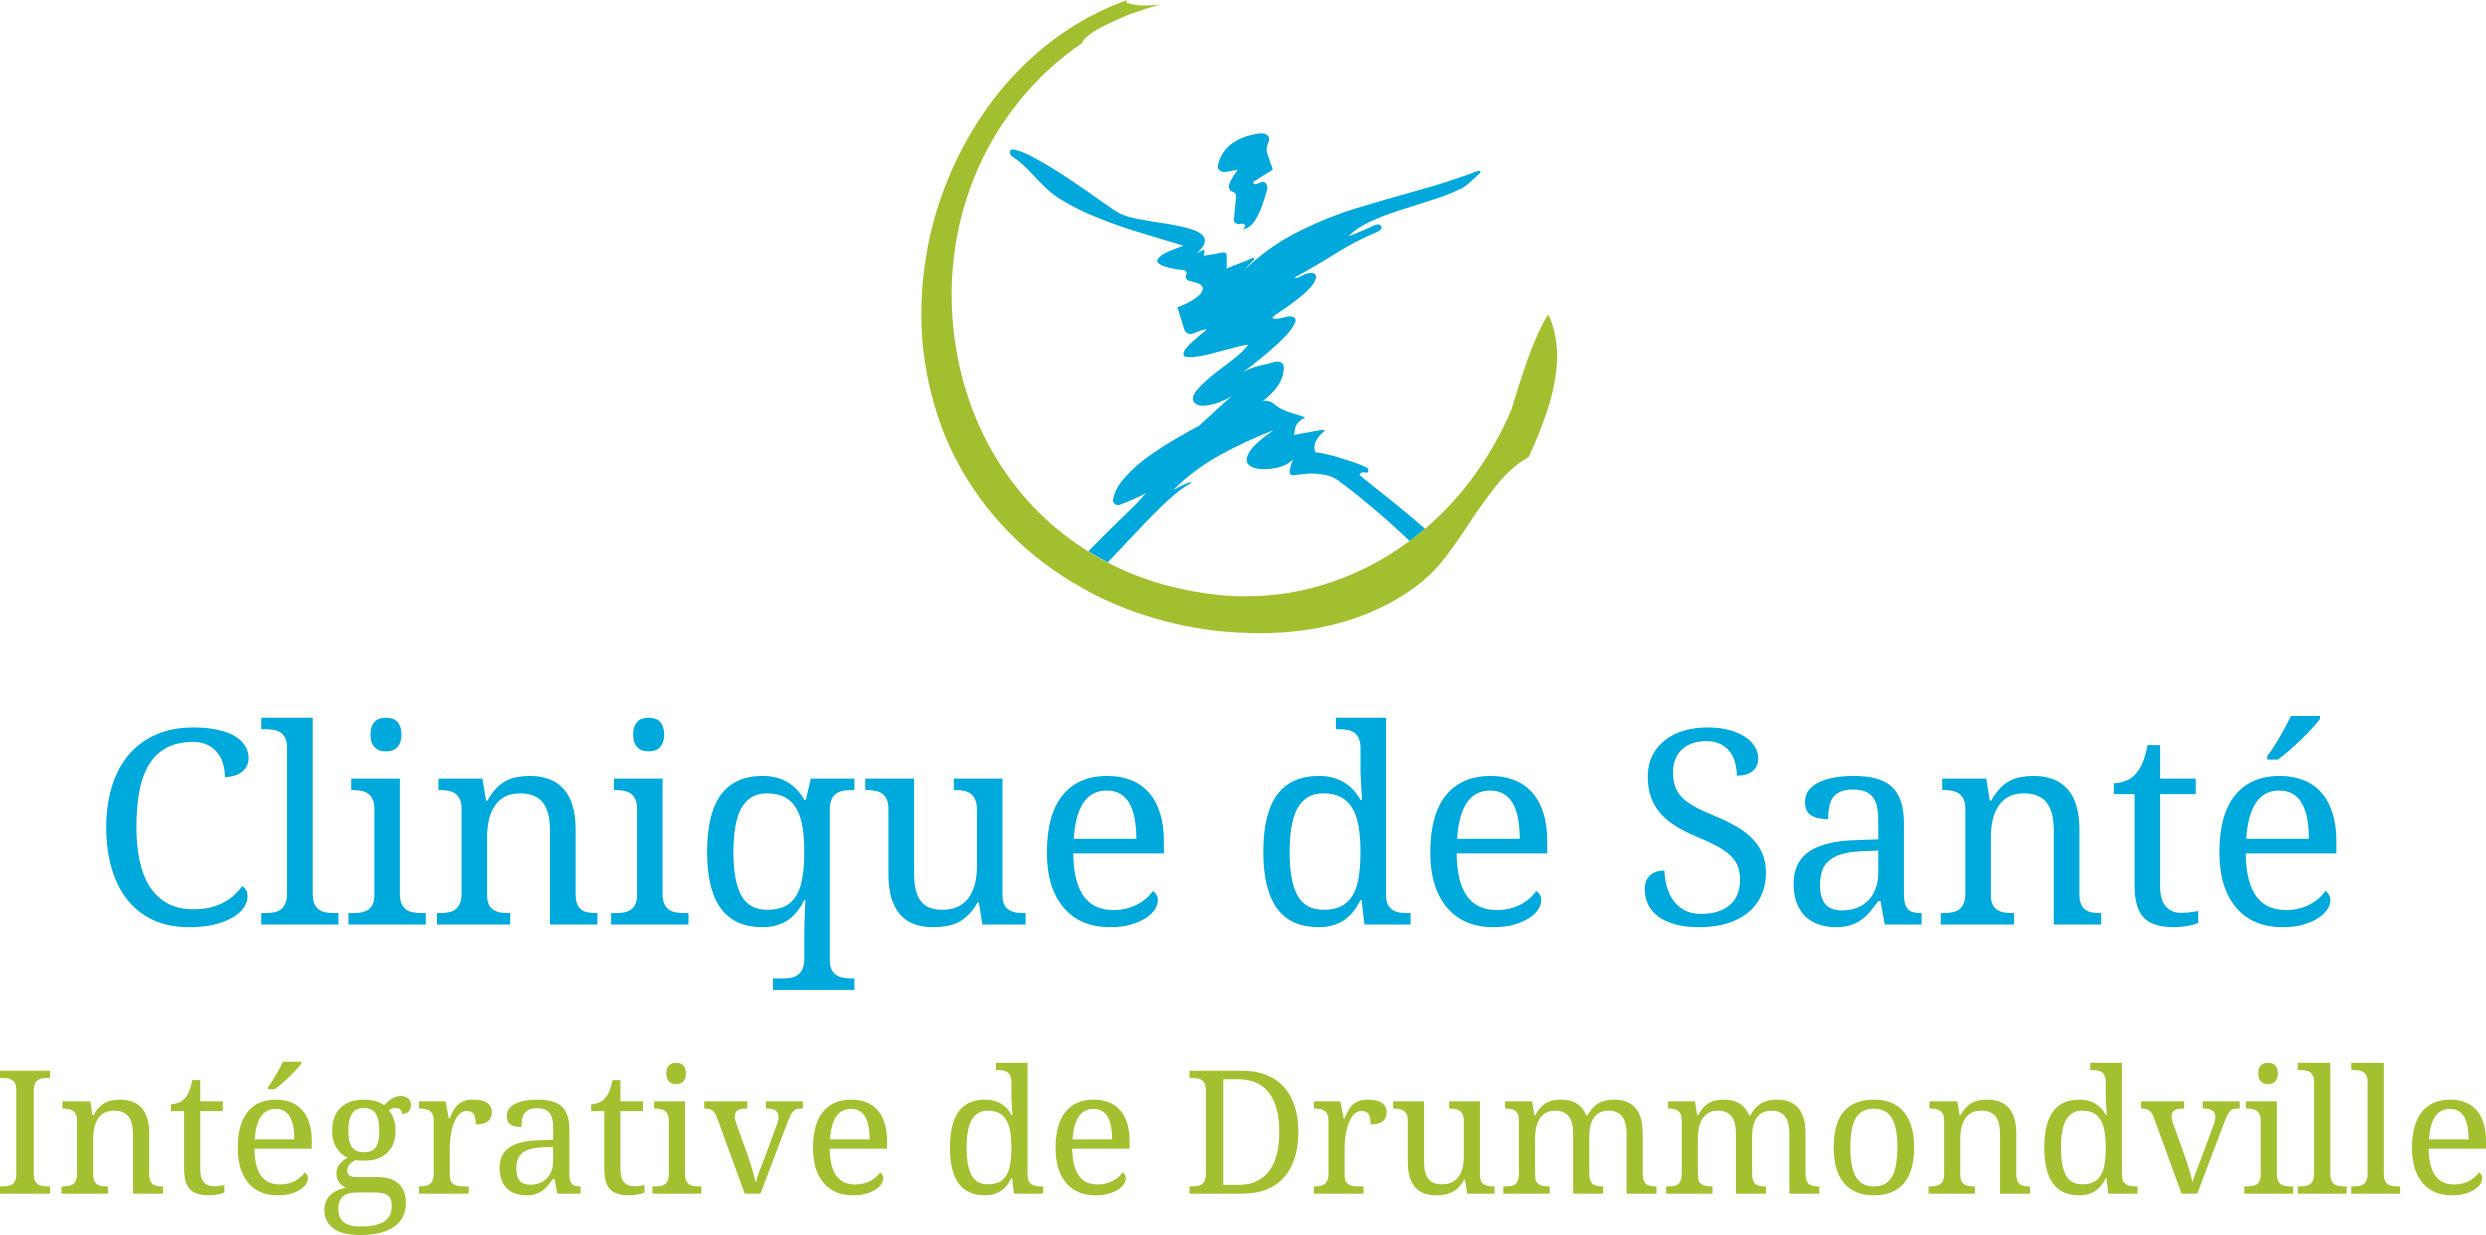 Clinique de Santé Intégrative de Drummondville